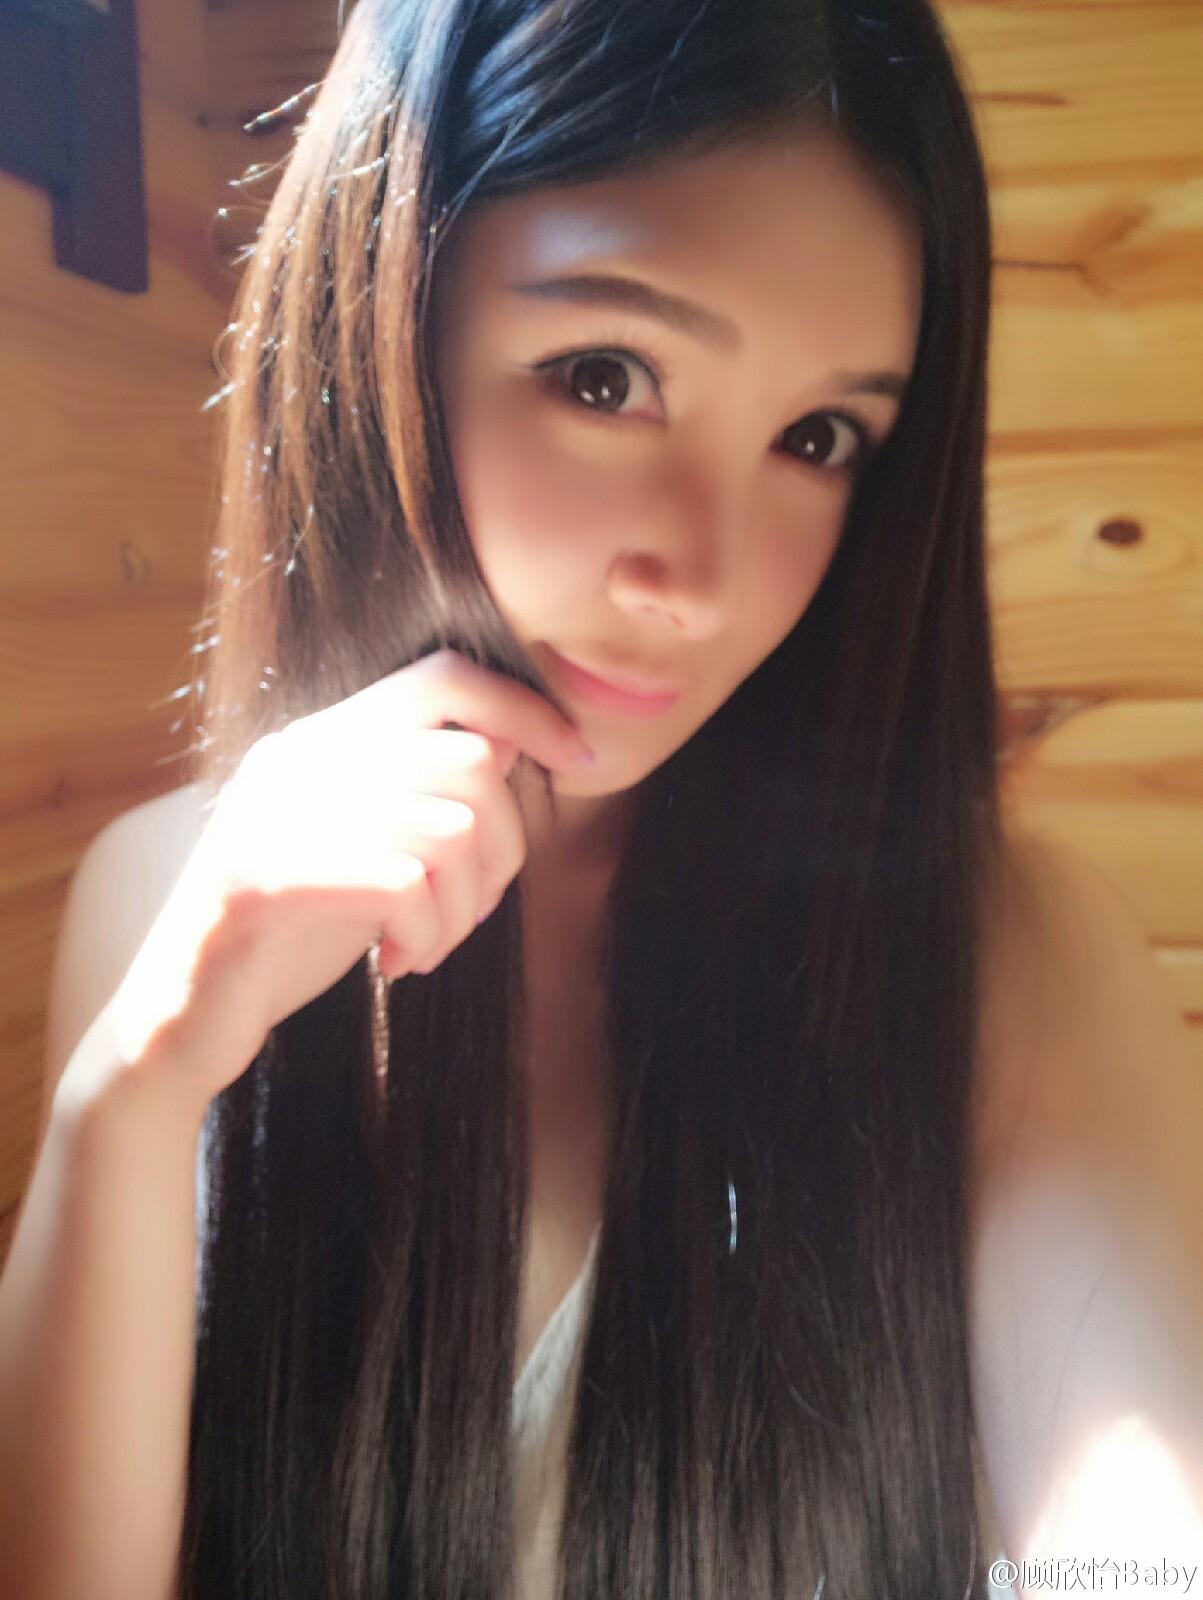 顾欣怡Baby云曼第一天,睡到中午才起床[困死了],晚饭_美女福利图片